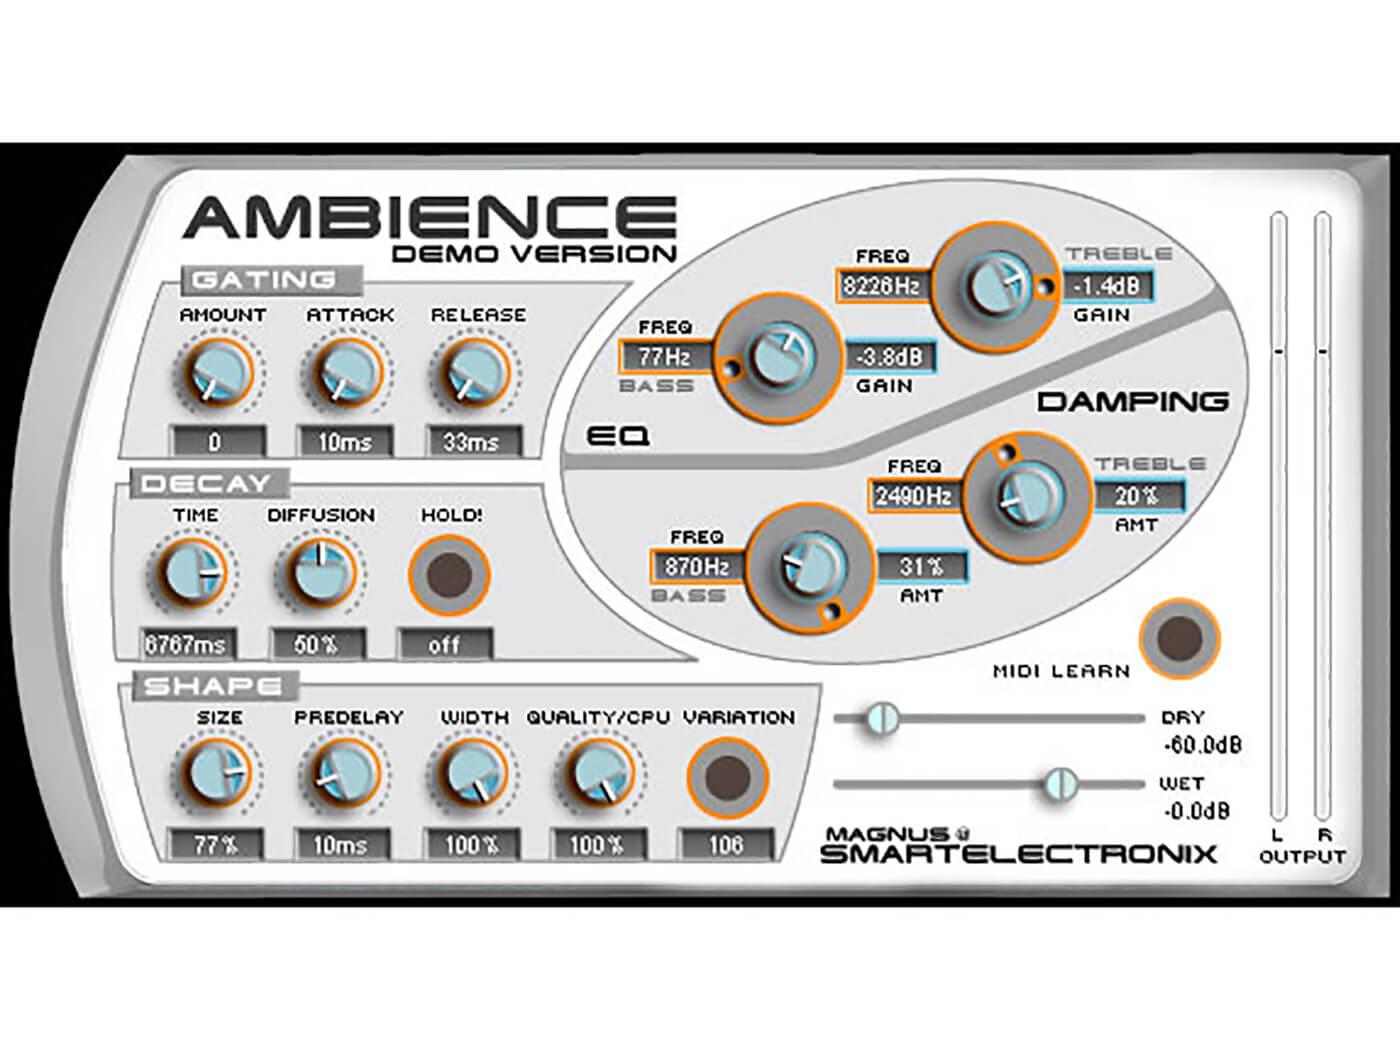 Smart Electronix Ambience